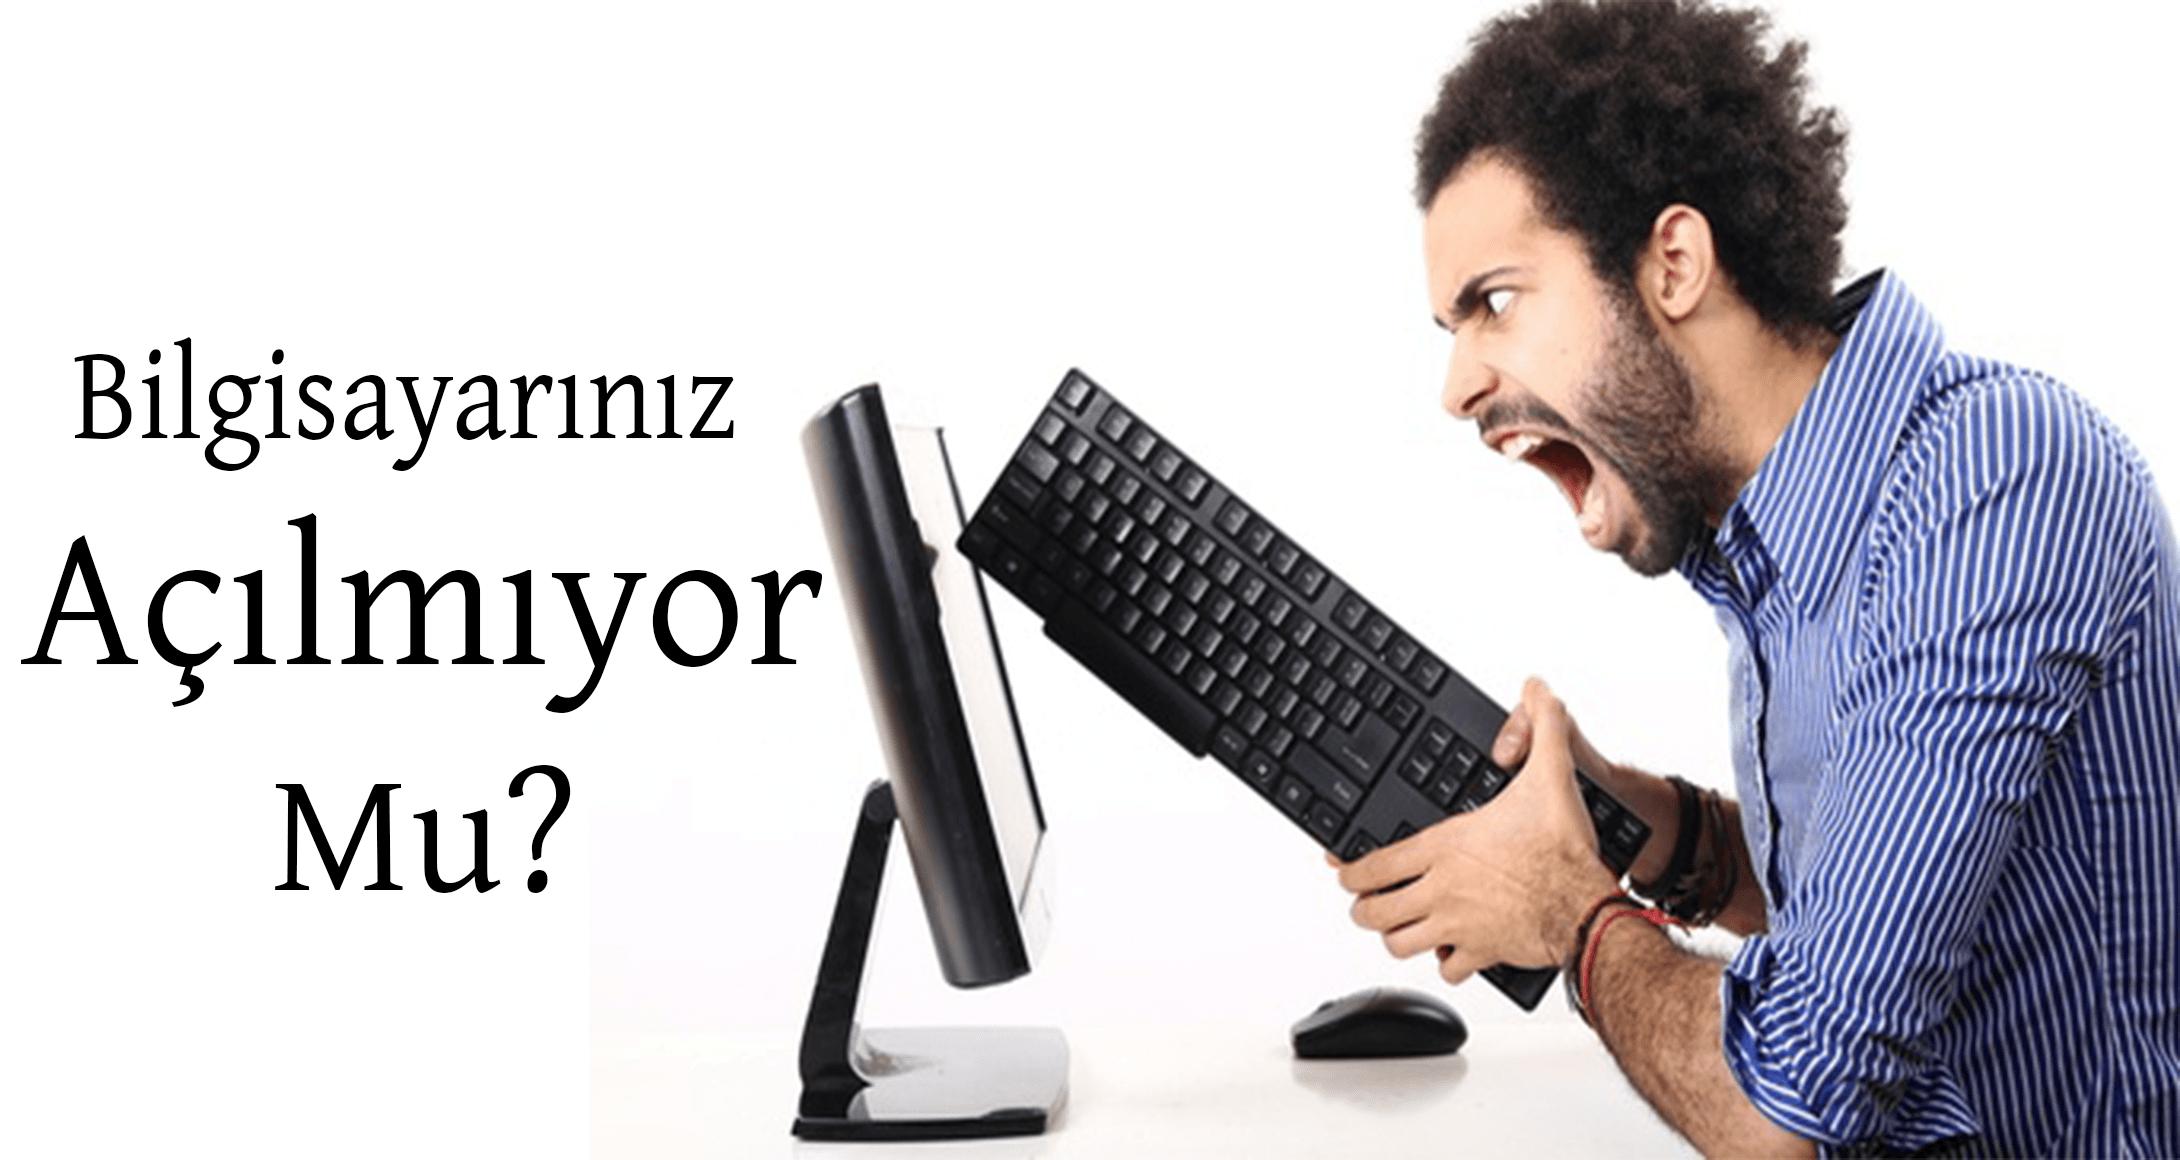 Bilgisayarım Açılmıyor Ne Yapmalıyım? Bilgisayarım Açılmıyor Sorun Nedir? Bip Sesi ve Anlamları